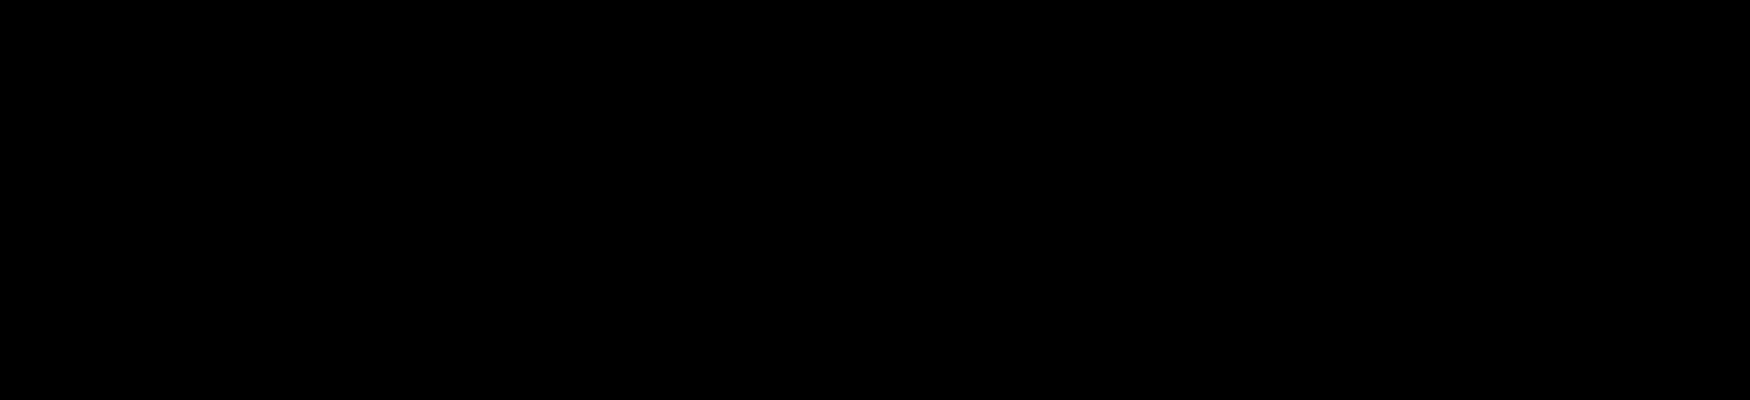 a3344a73-1b1f-4f85-845c-4b0c18f08d97-1537958083175